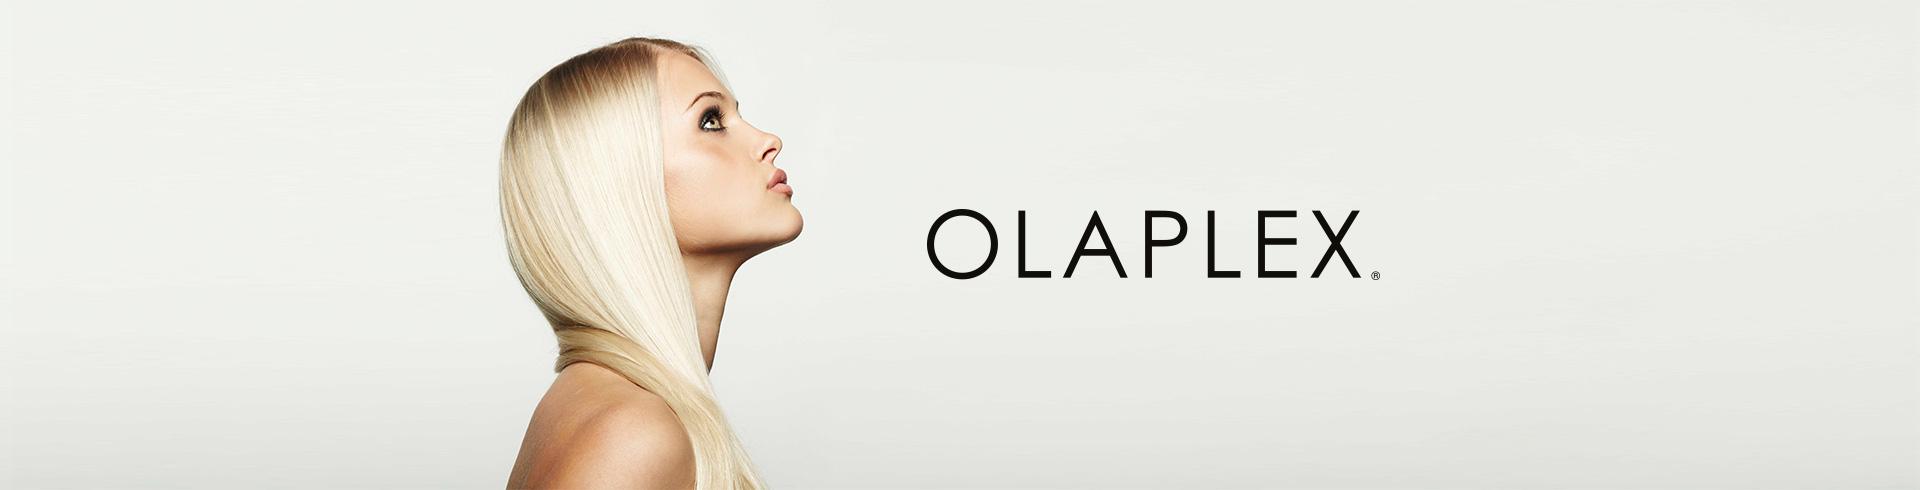 OLAPLEX θεραπεία για ξανθά μαλλιά